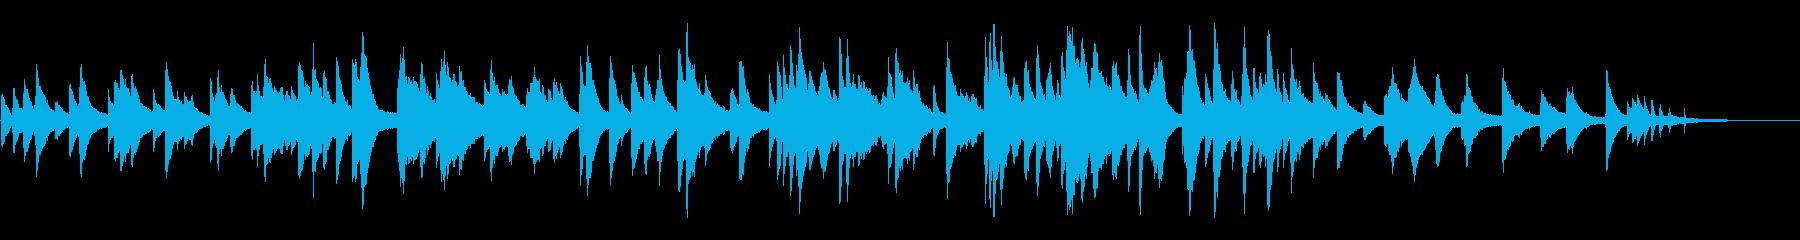 ムードのあるジャズ風ラウンジピアノソロの再生済みの波形